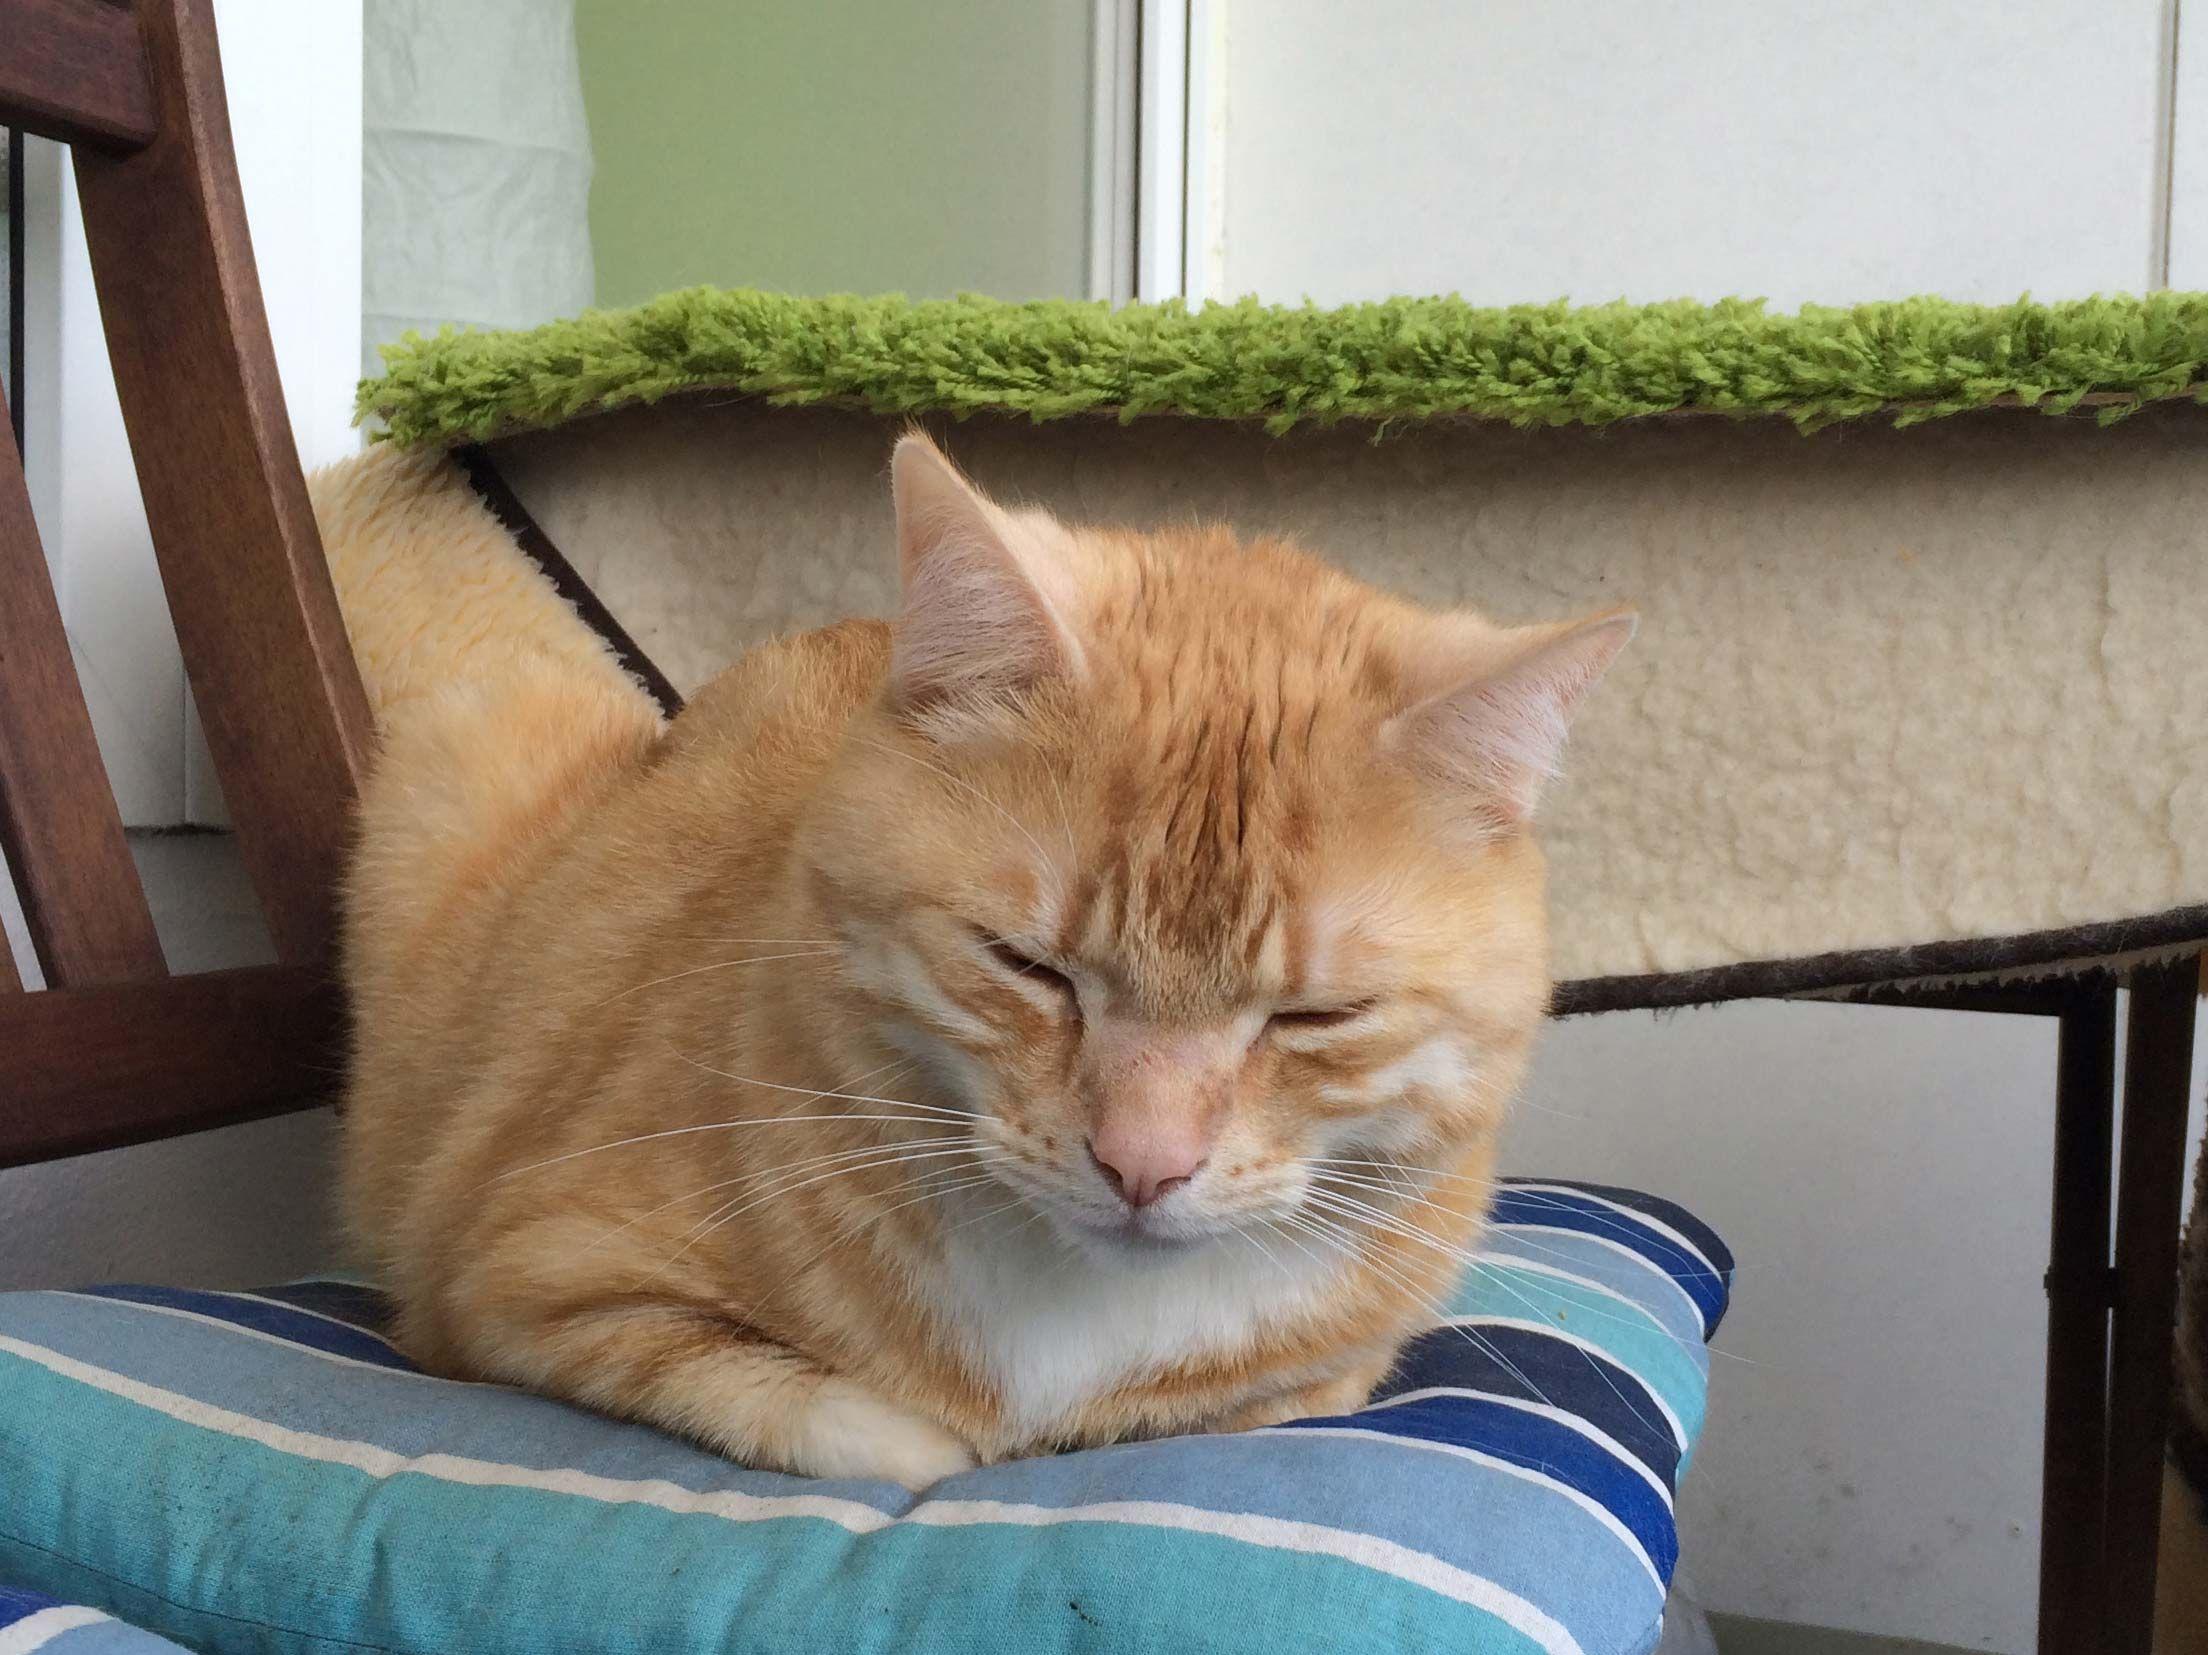 warum fl he katzen so gerne m gen was hilft katzengesundheit pinterest katzen katzen. Black Bedroom Furniture Sets. Home Design Ideas